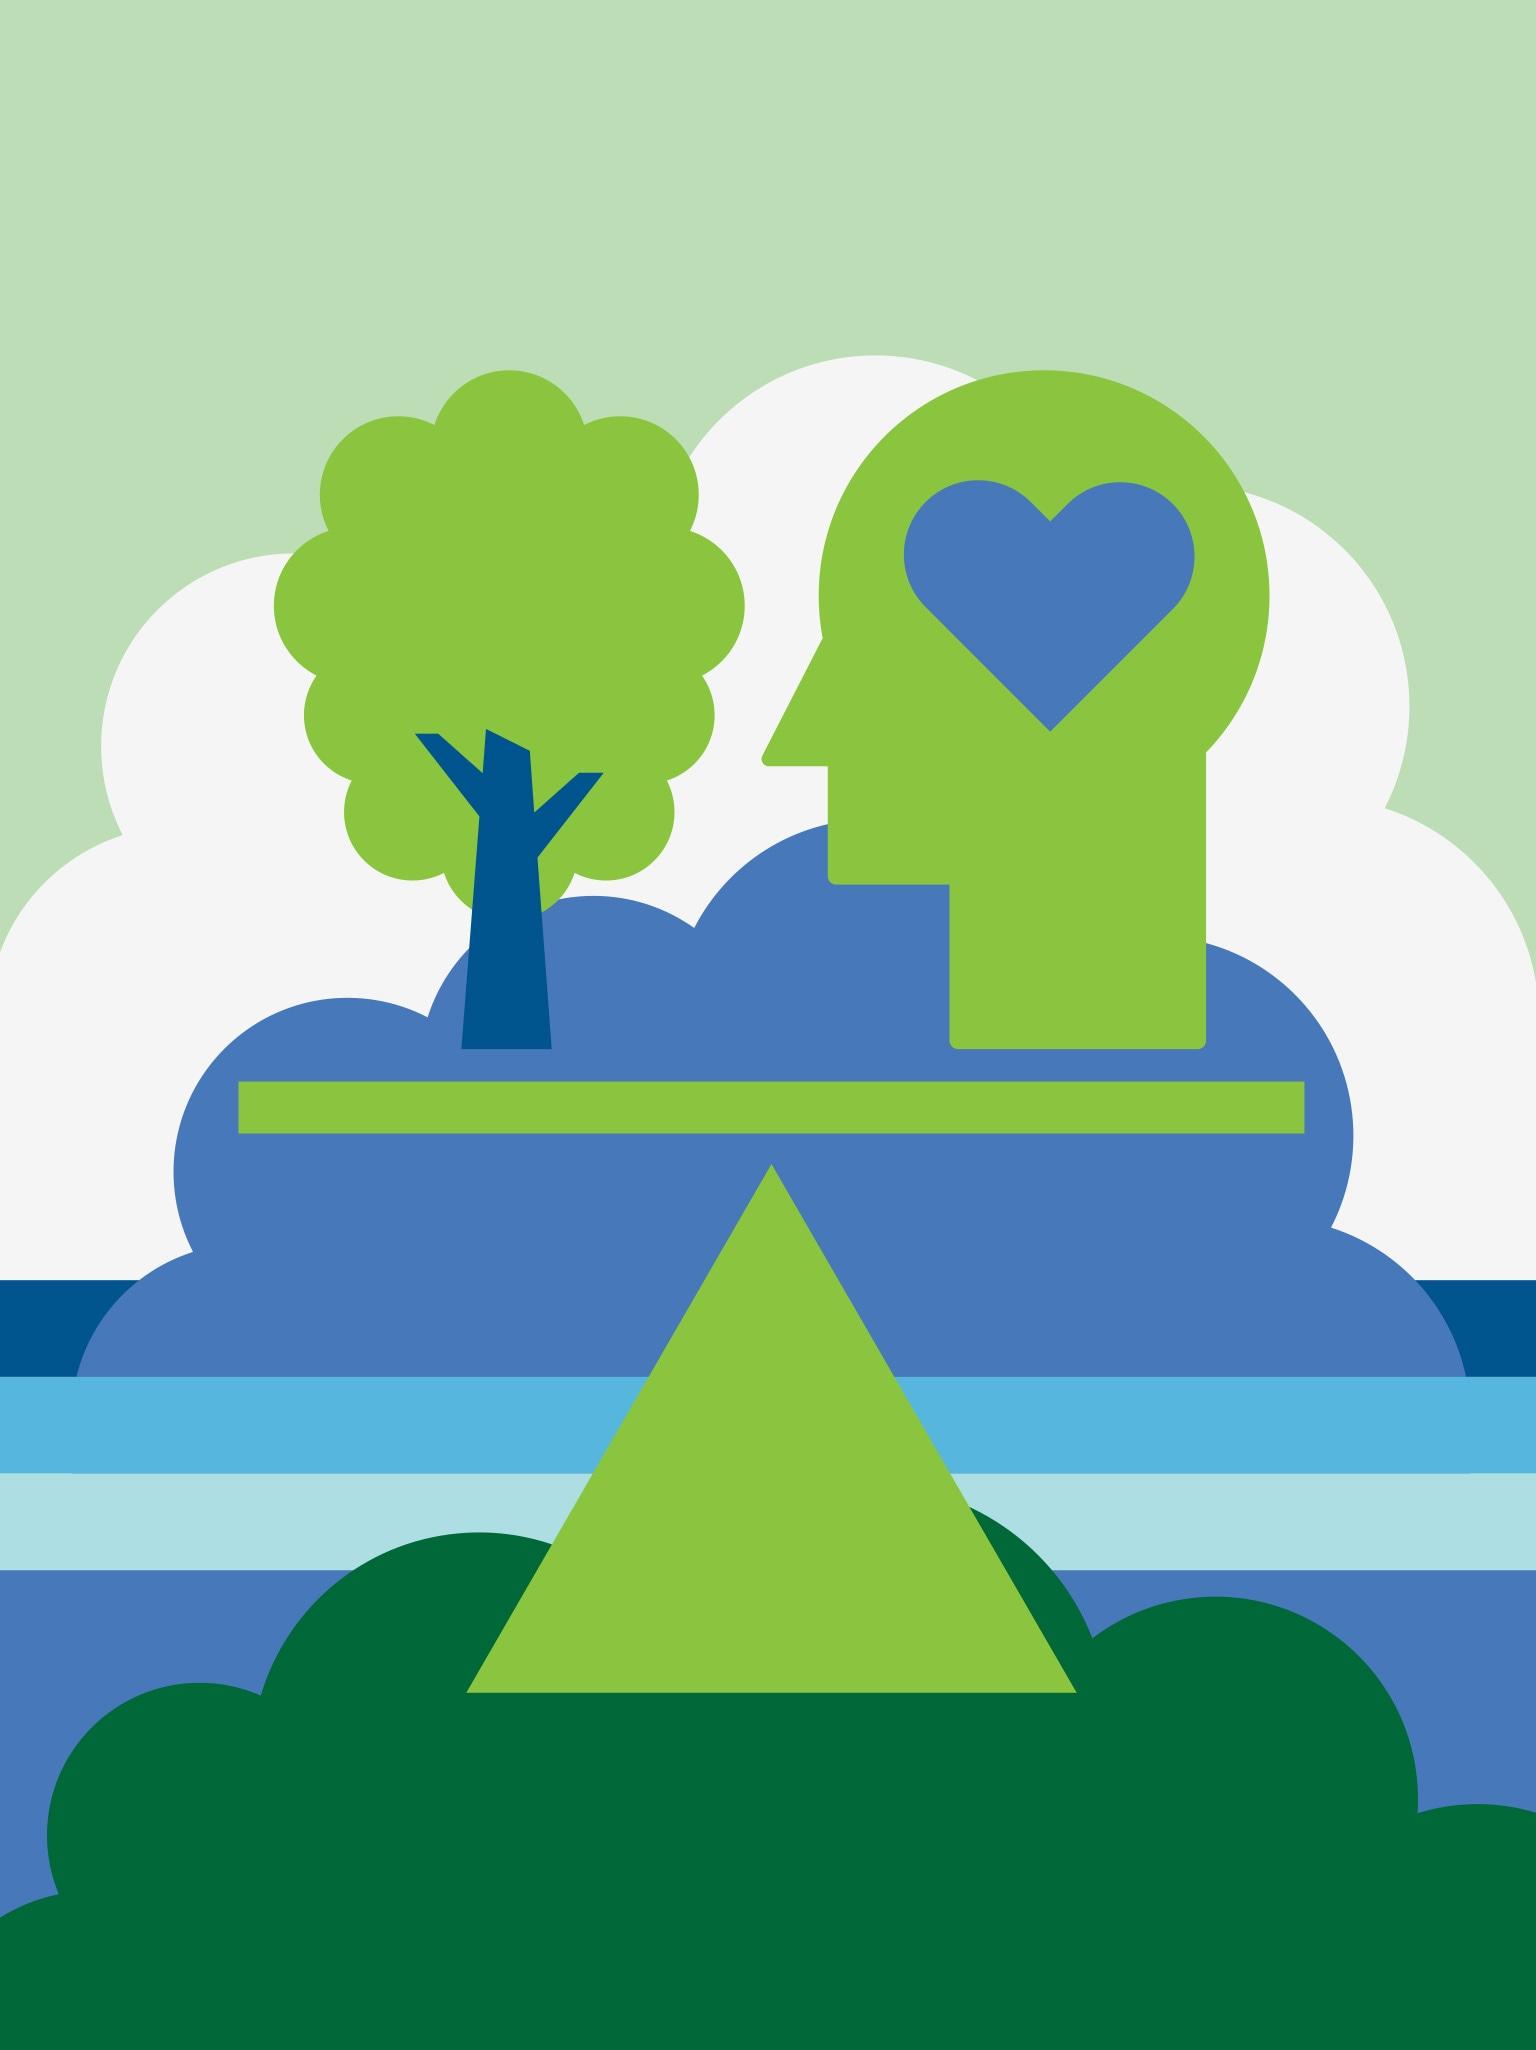 Wallpaper da Apple para reciclagem